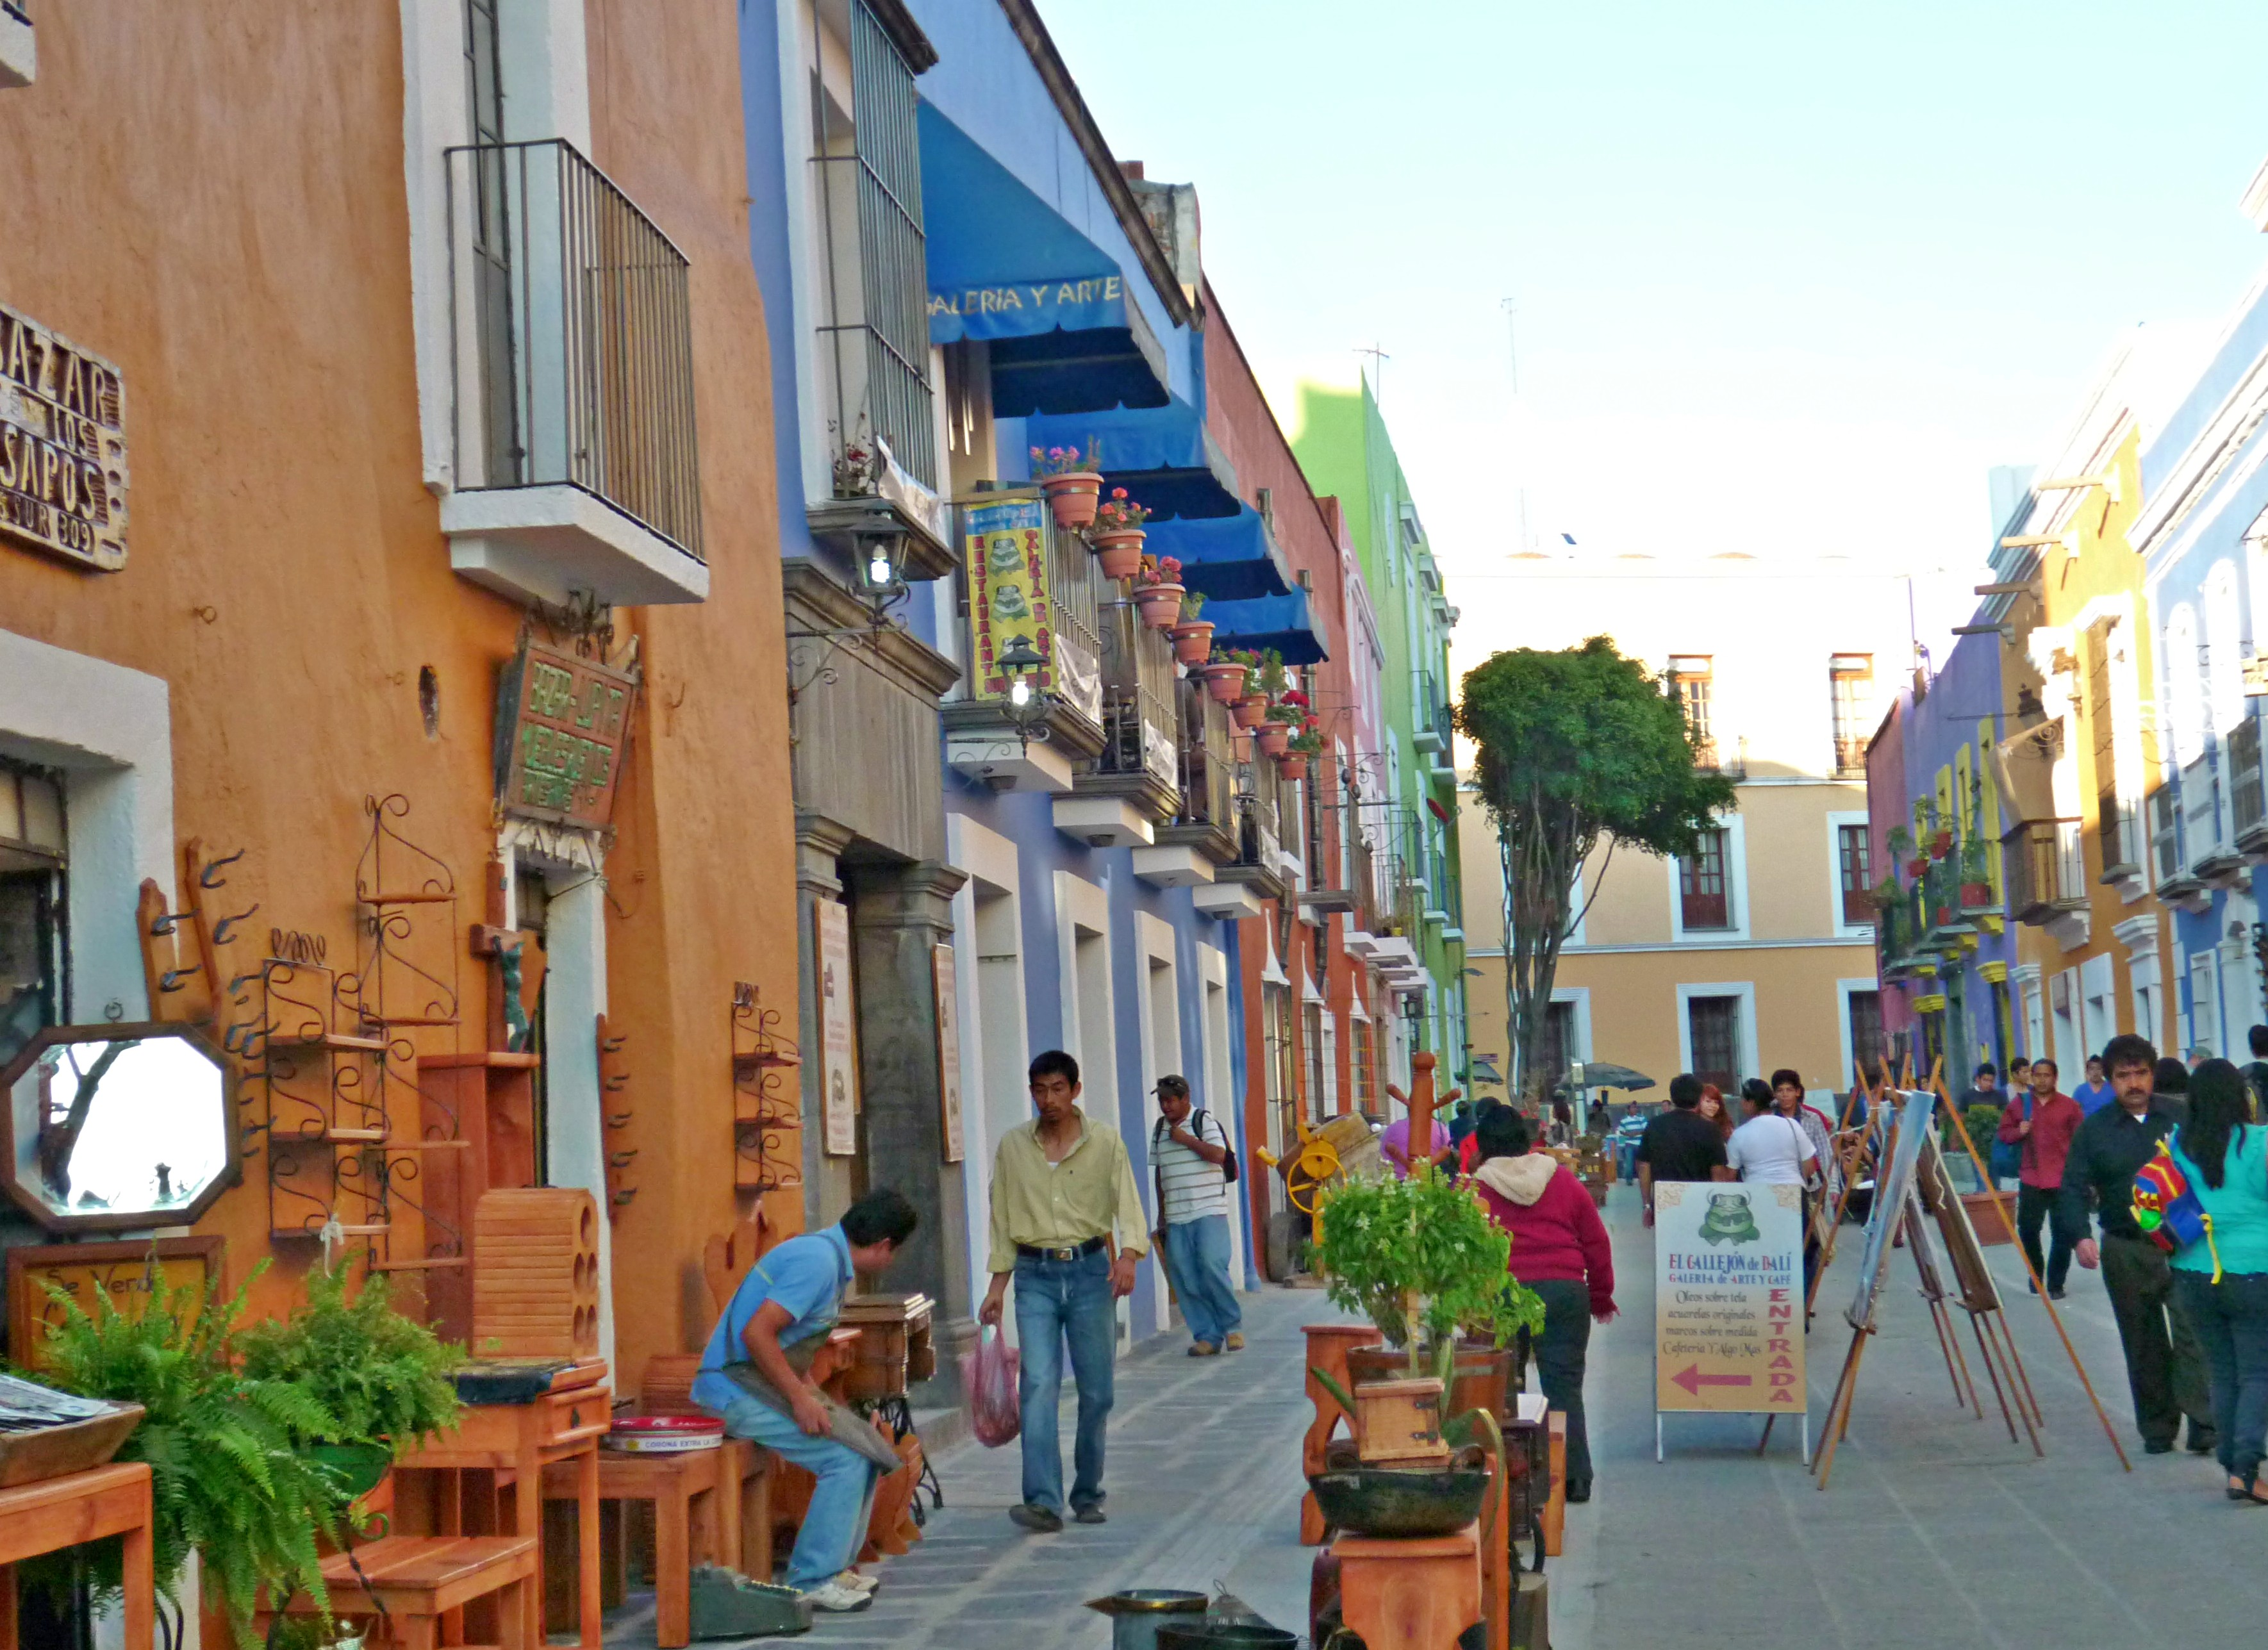 Personas caminando por las calles del Barrio de los Sapos